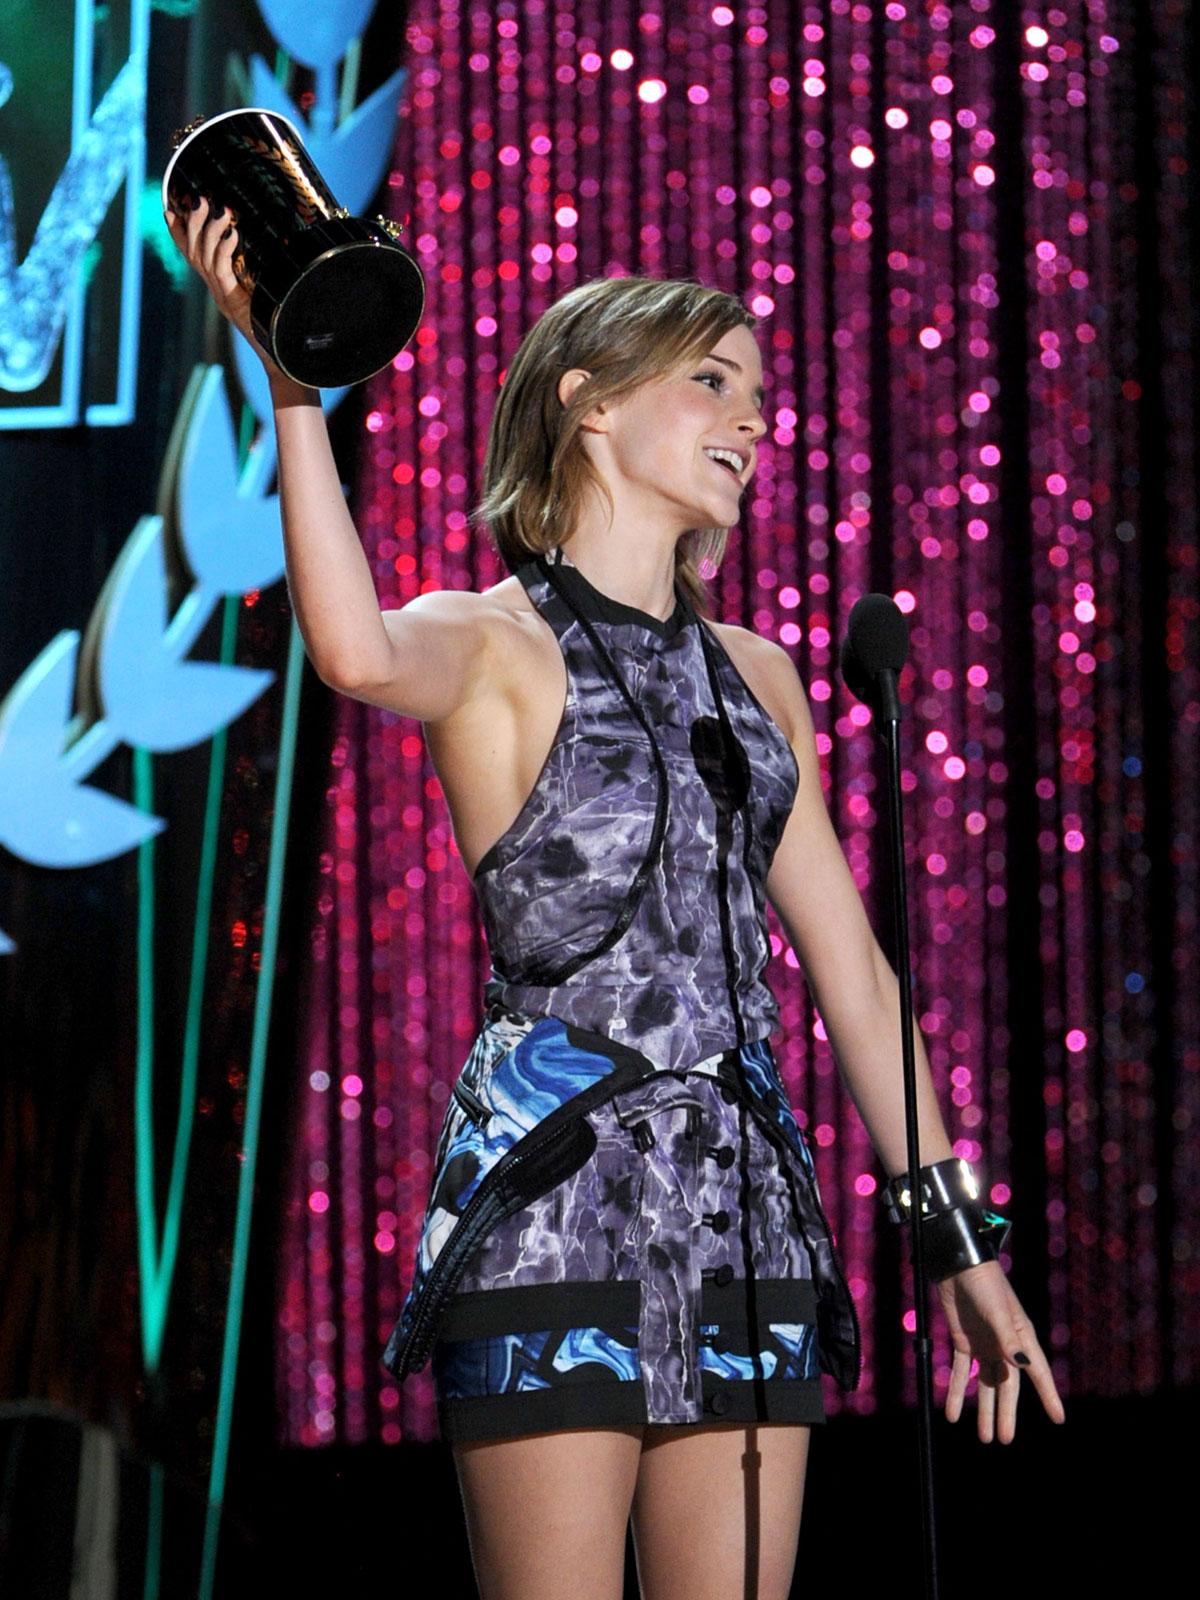 Armpit emma watson Emma Watson